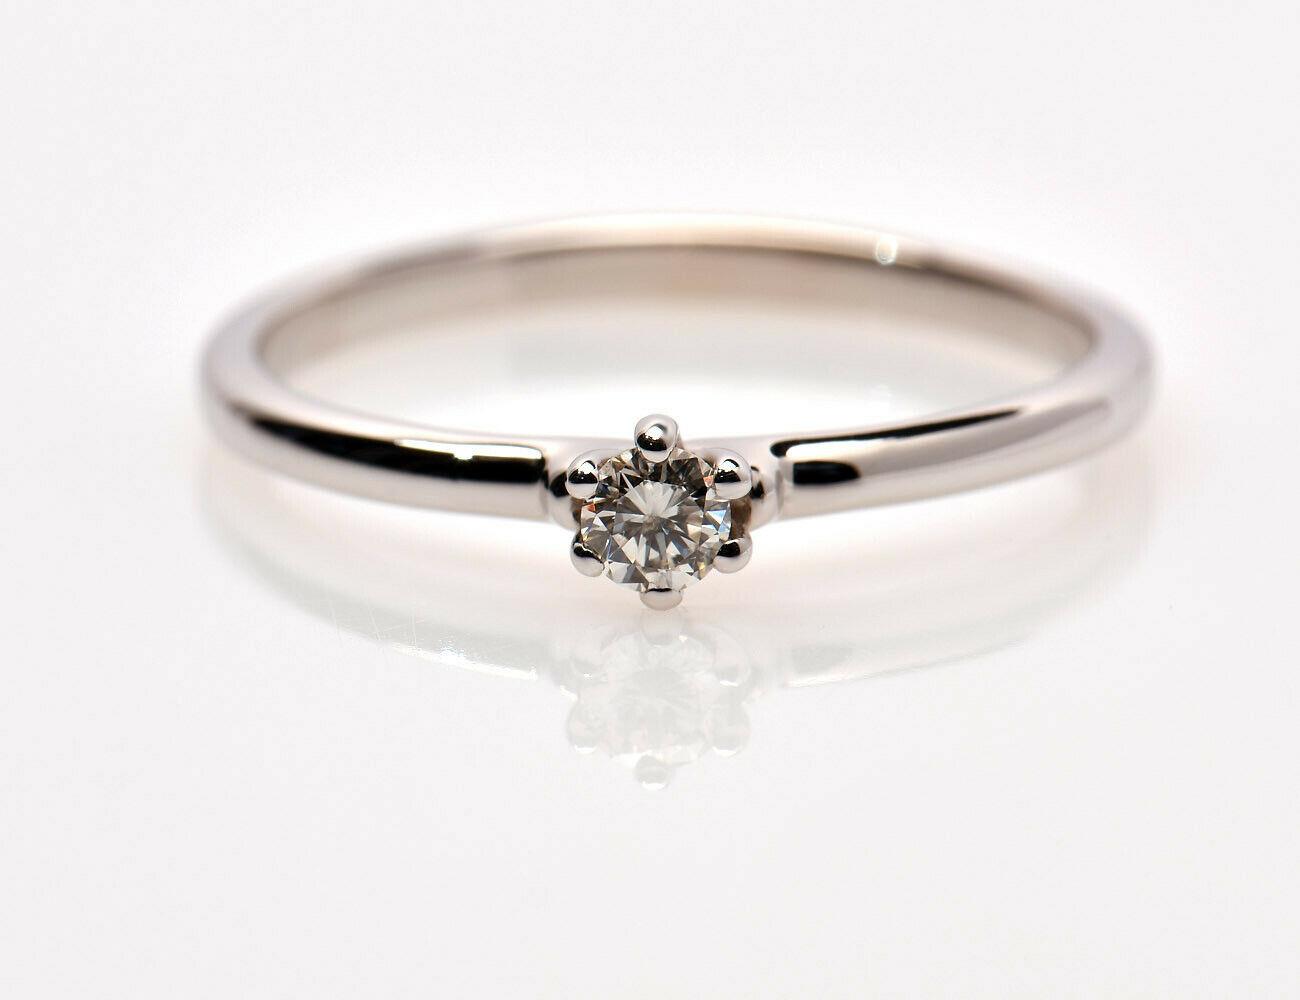 Solitär Diamantring 585/000 14 K Weißgold Brillant 0,13 ct